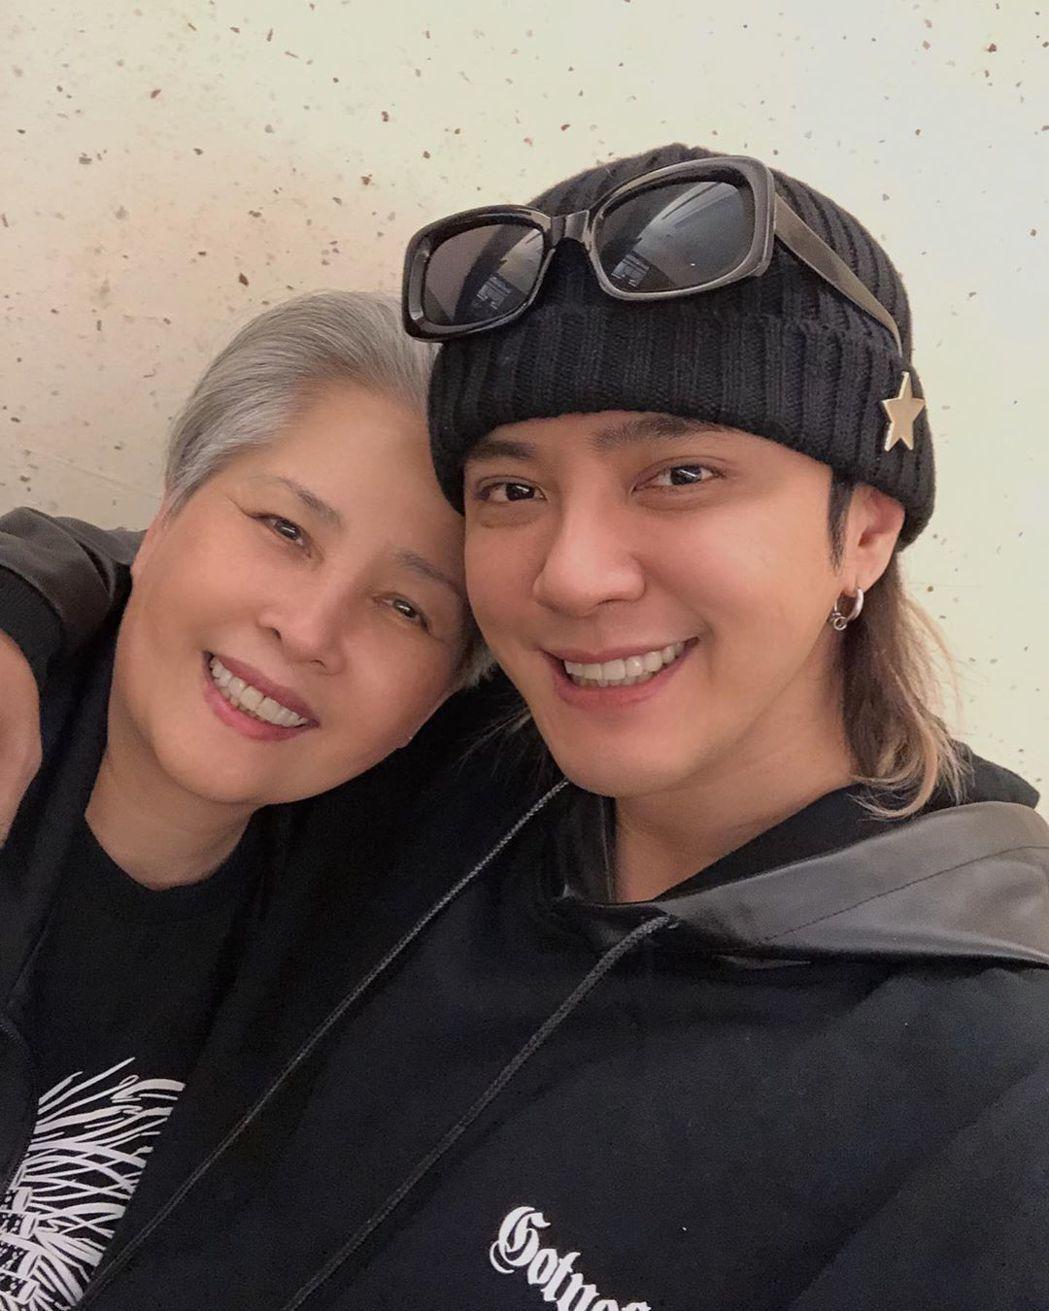 羅志祥與媽媽感情很好。 圖/擷自羅志祥IG